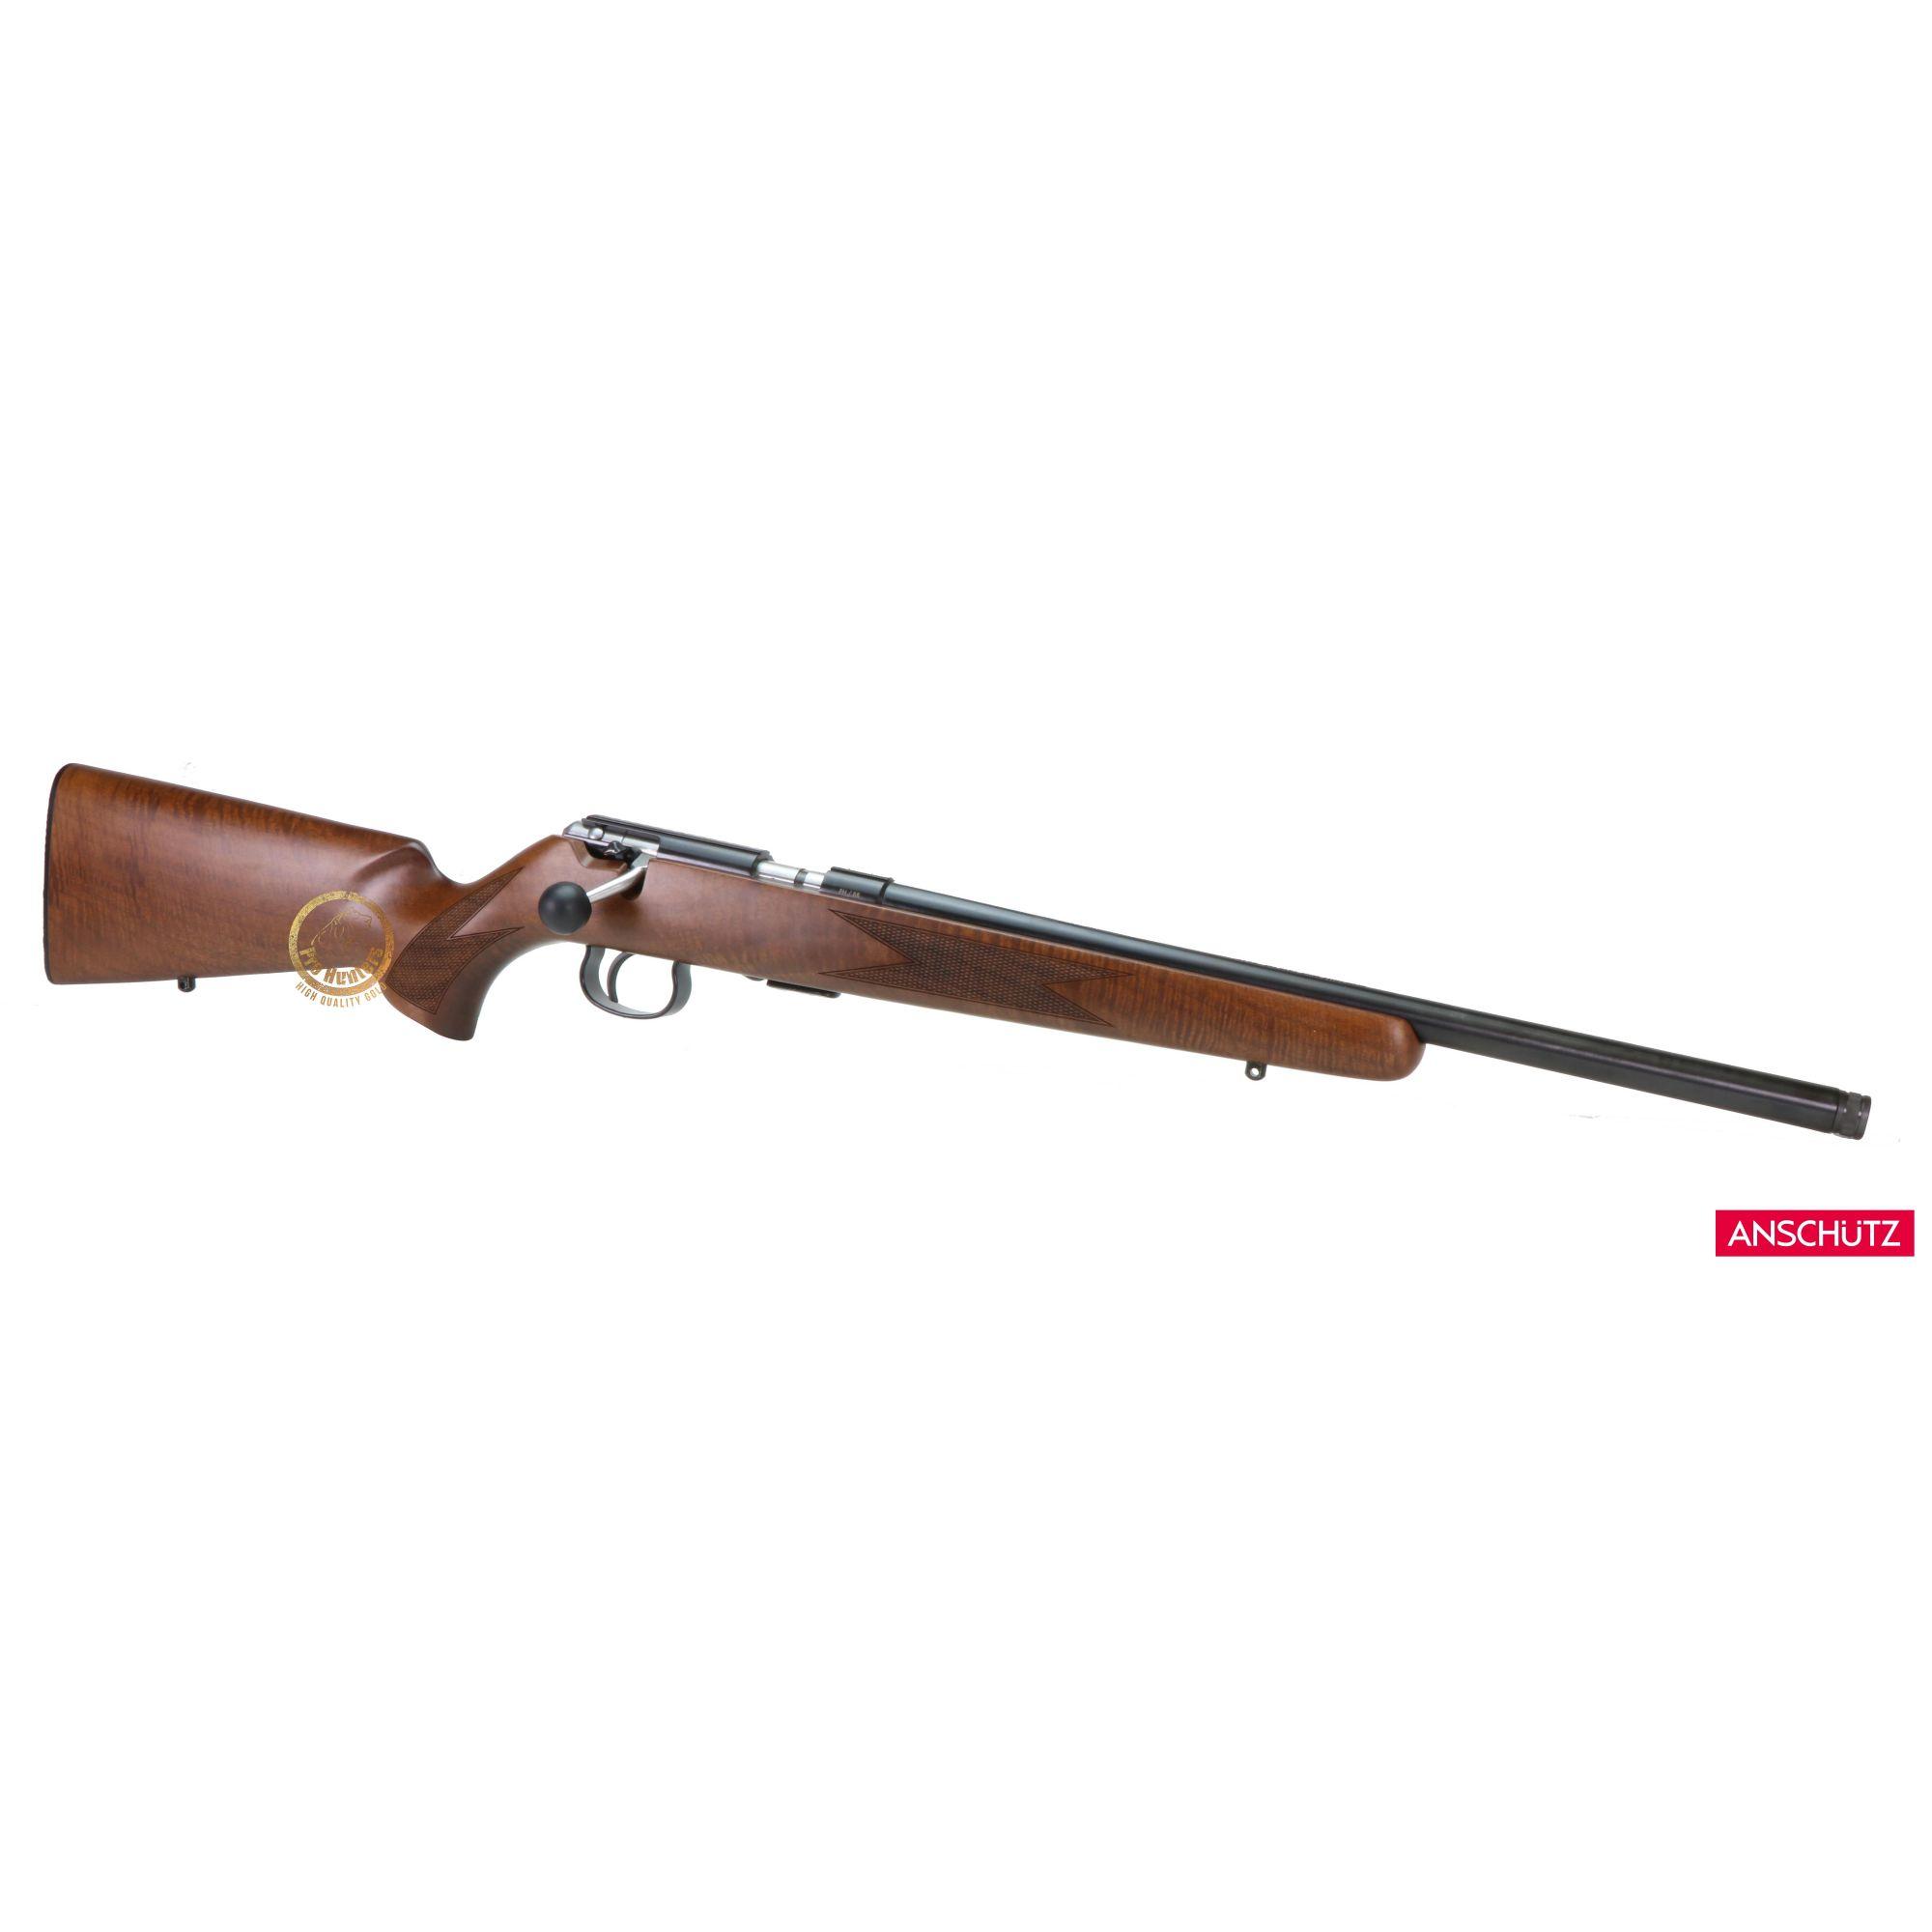 Rifle Anschutz 1416 D HB G Classic - 18pol Barrel - Calibre .22 LR